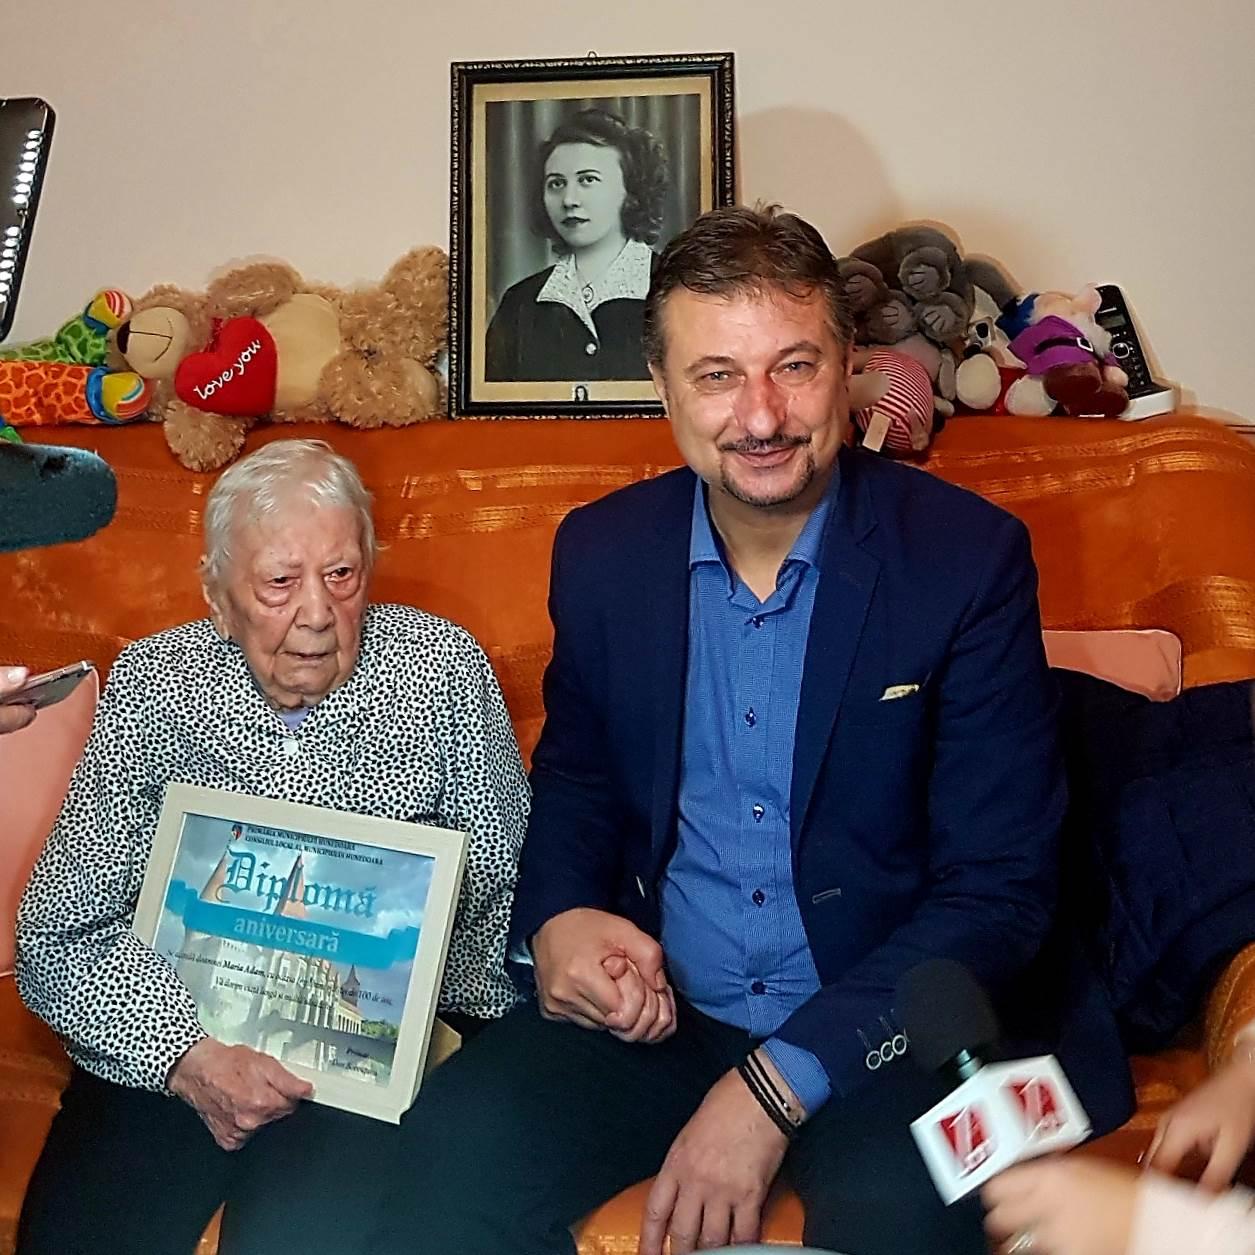 Mama Mie, premiată de primarul Hunedoarei la împlinirea centenarului